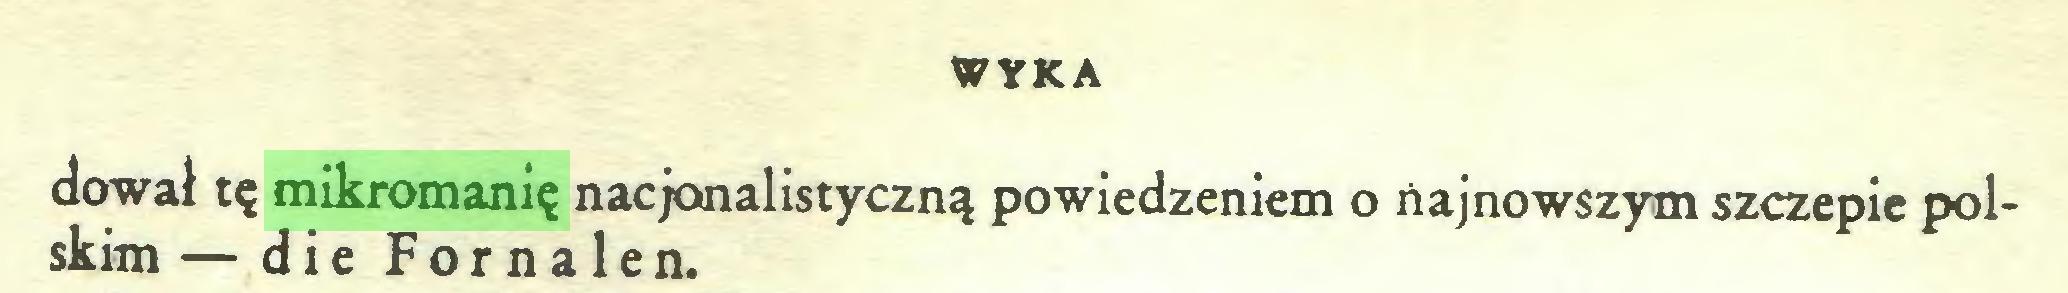 (...) WYKA dował tę mikromanię nacjonalistyczną powiedzeniem o najnowszym szczepie polskim — die Fornalen...